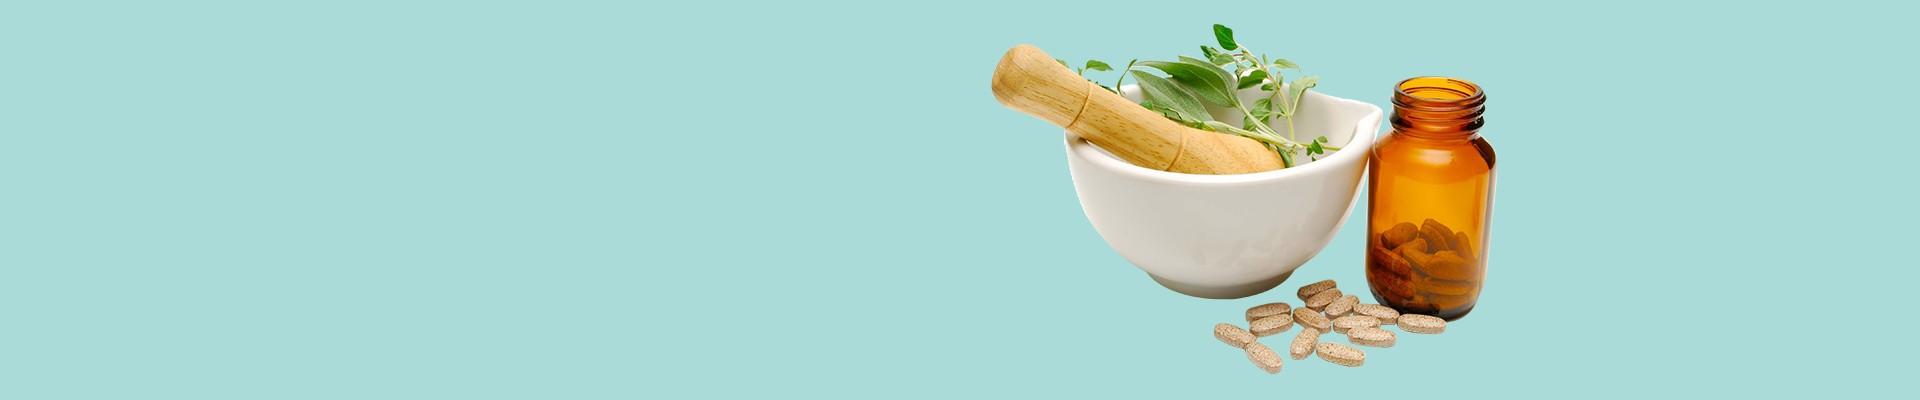 Jual Obat Herbal & Tradisional - Harga Terbaik